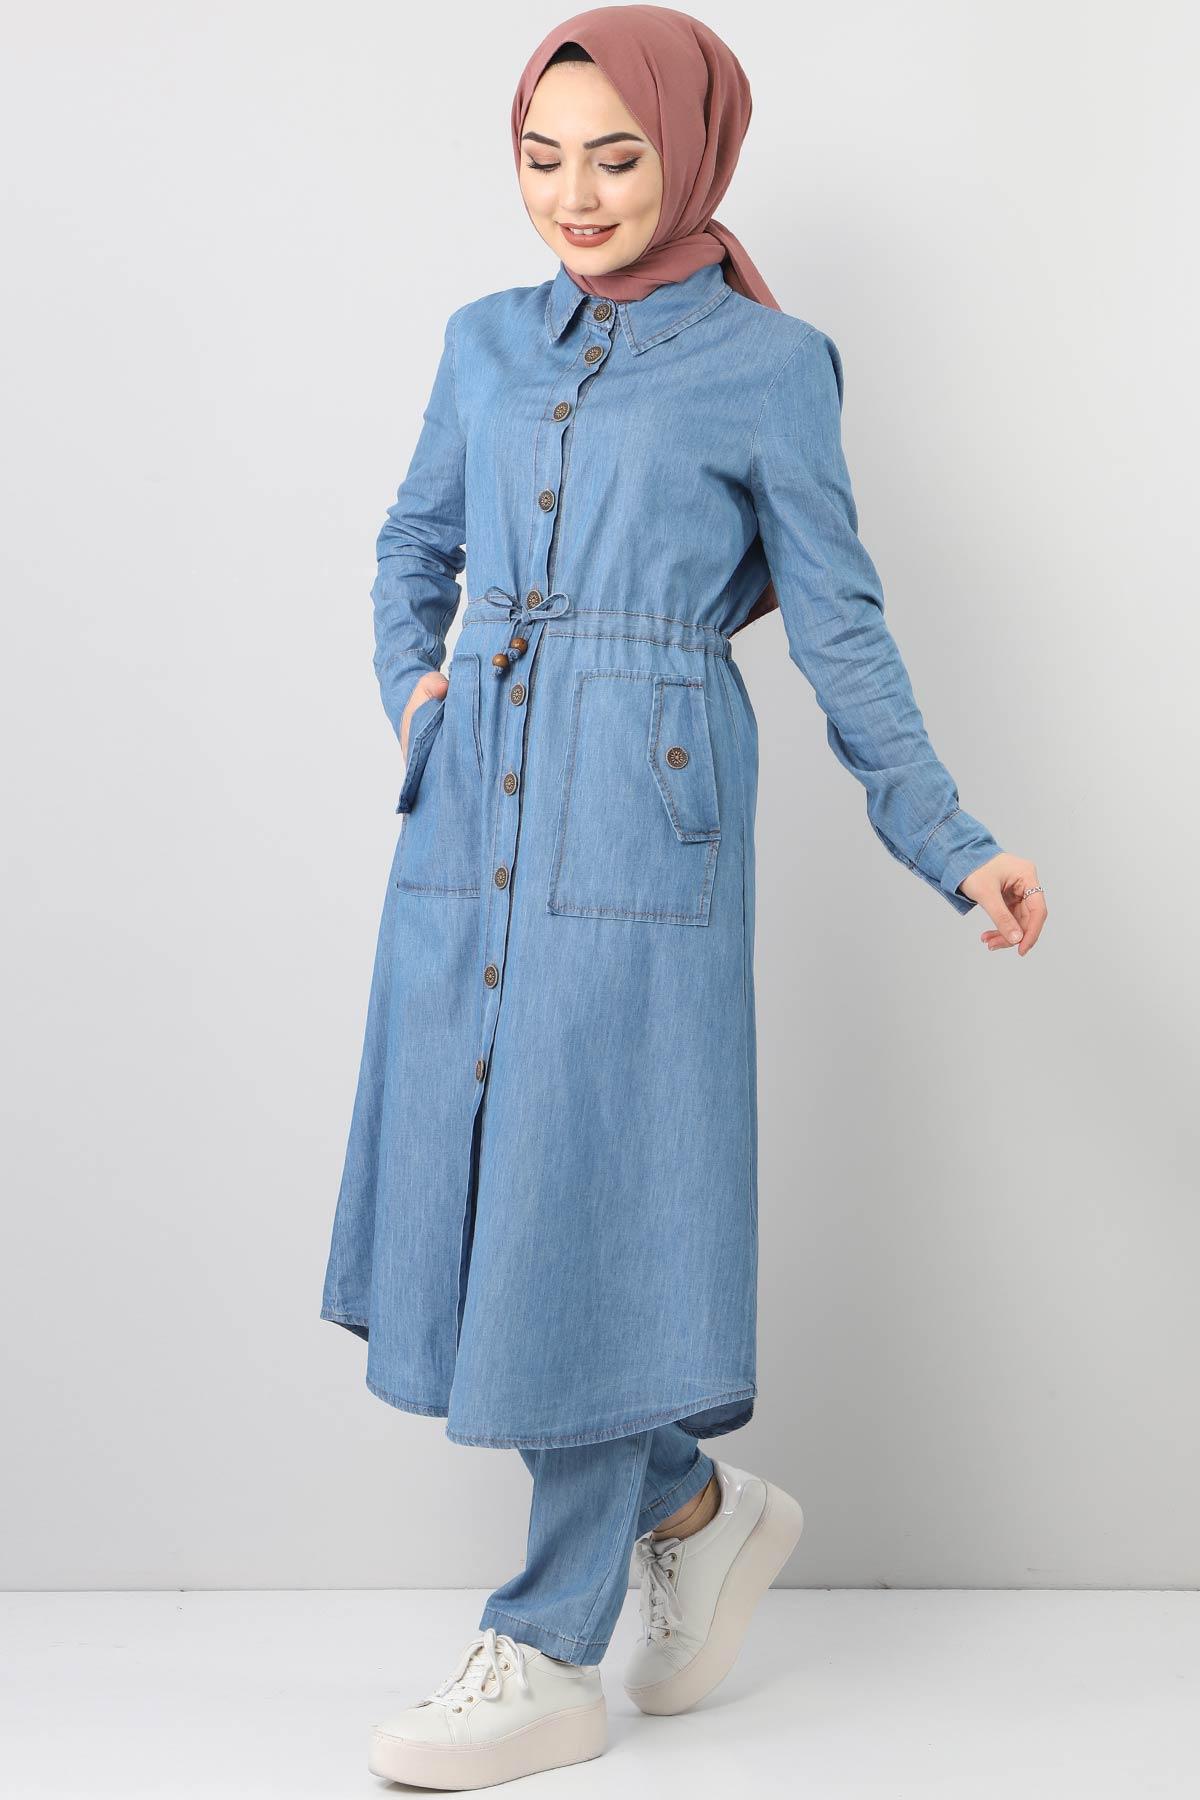 Beli Bağcıklı Düğmeli Kot İkili Takım TSD0460 Açık Mavi